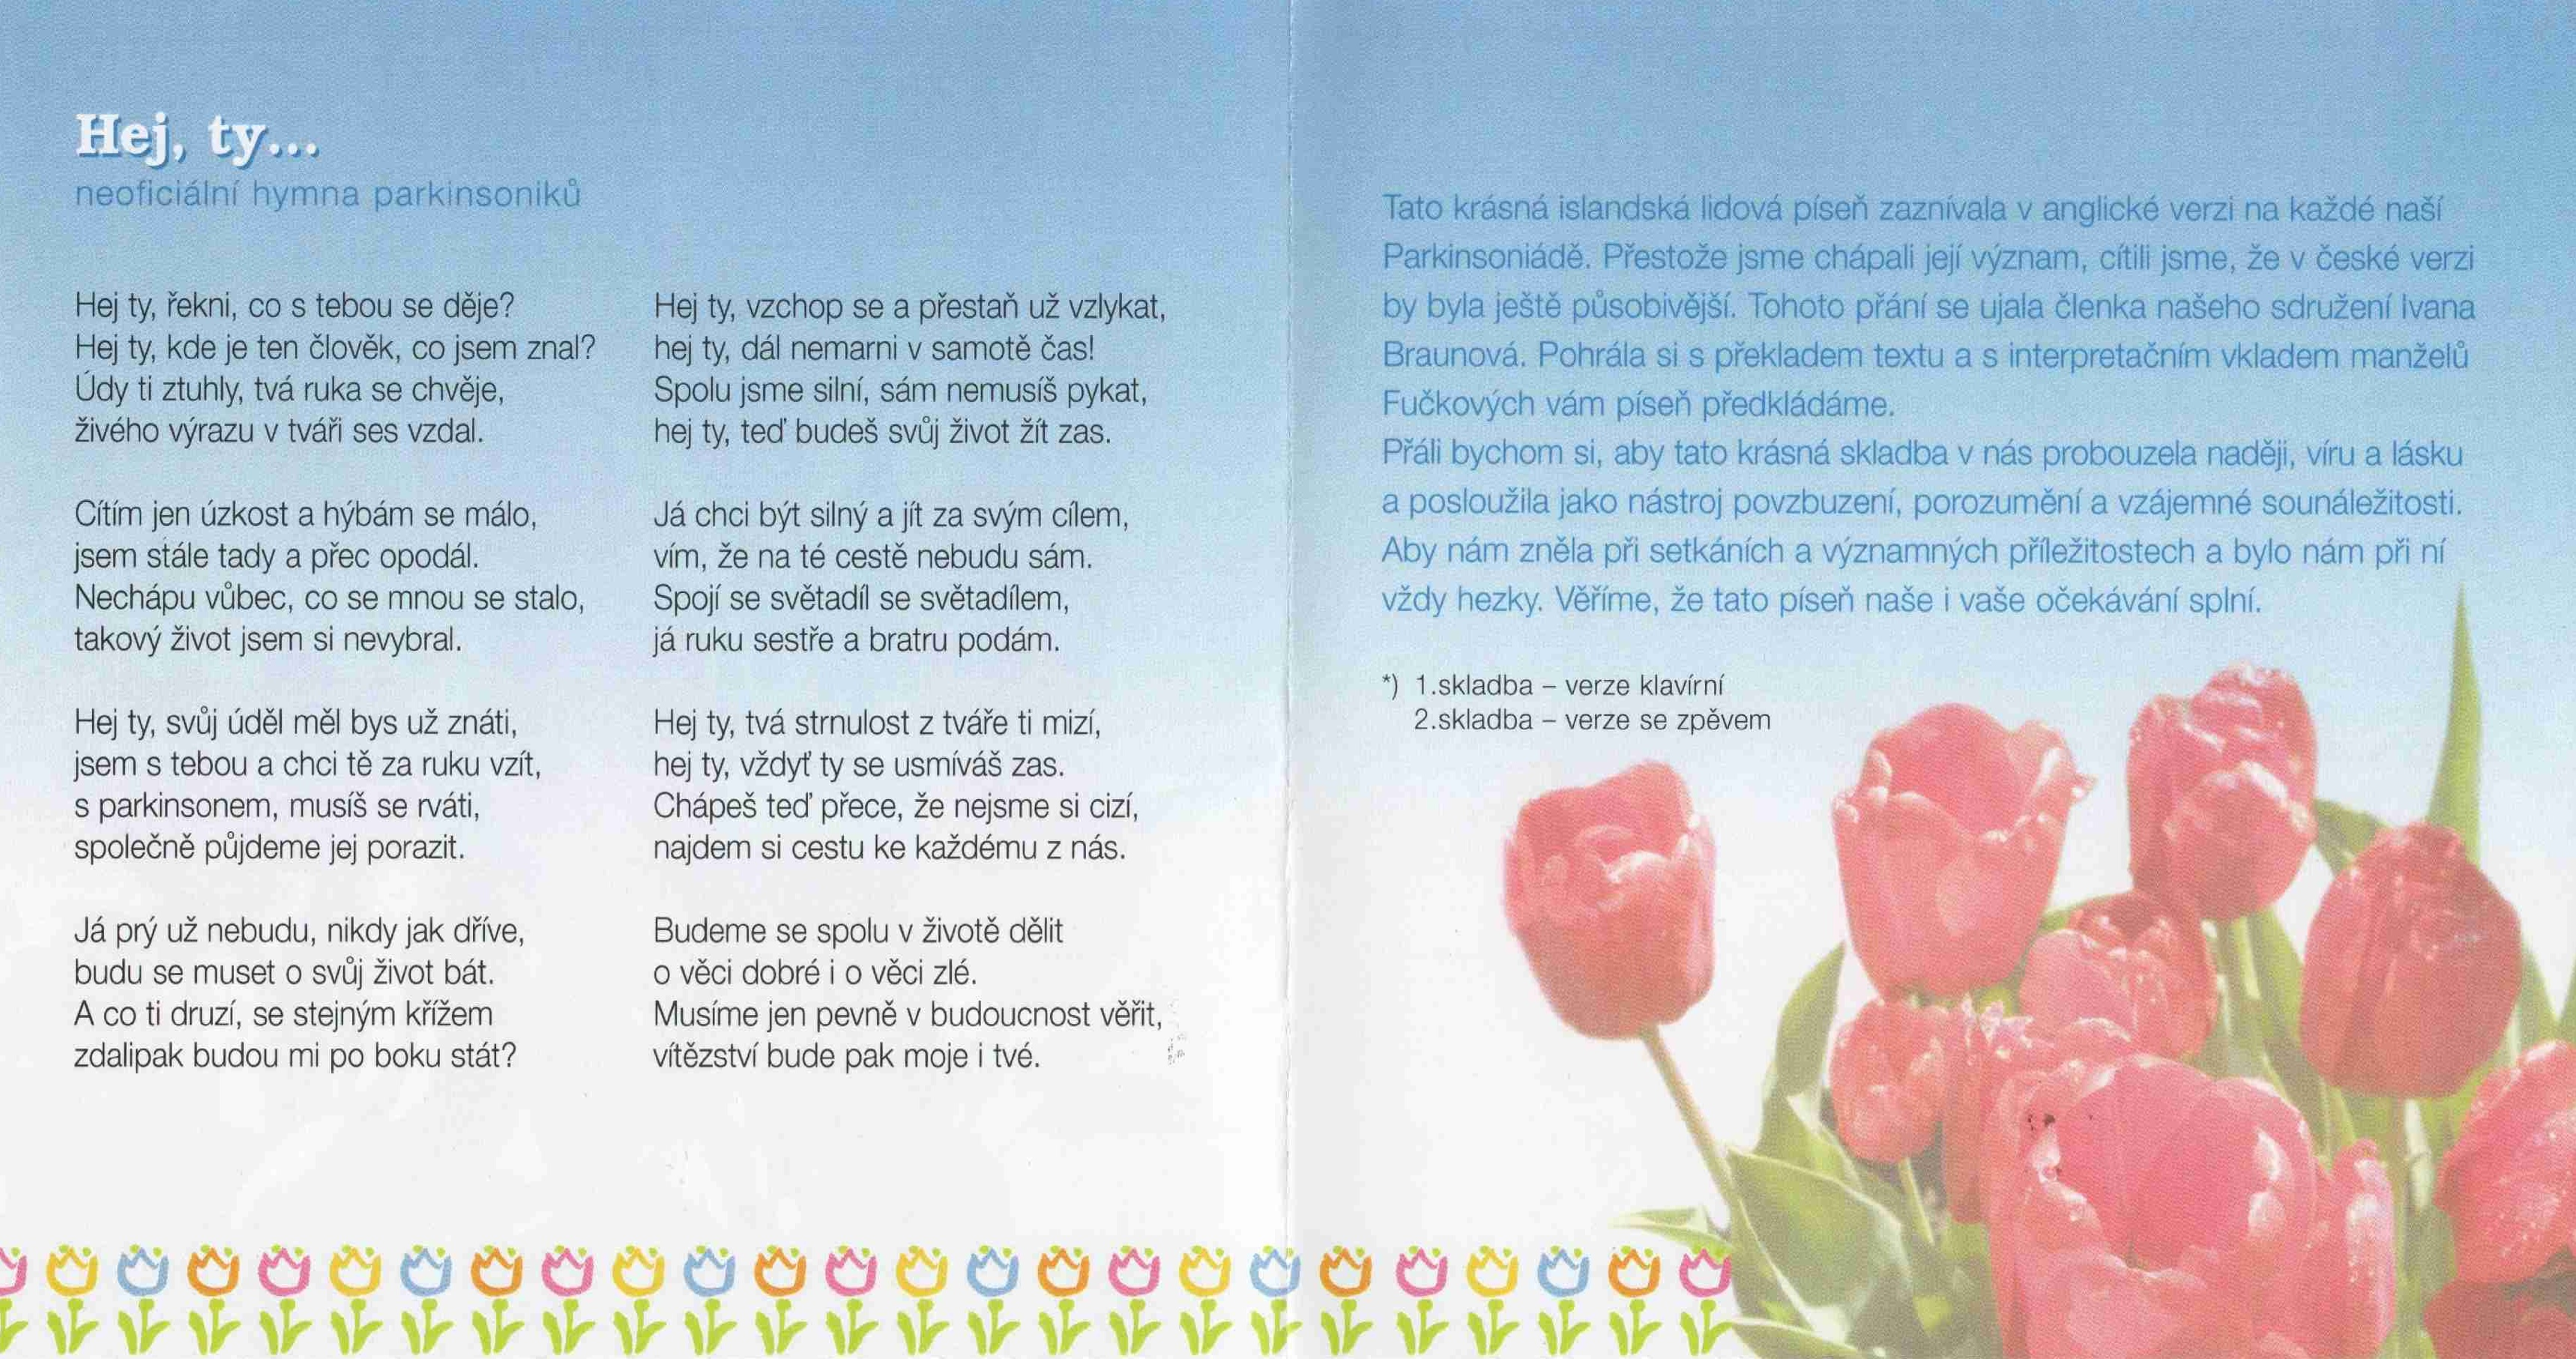 potisk hymny 001 2